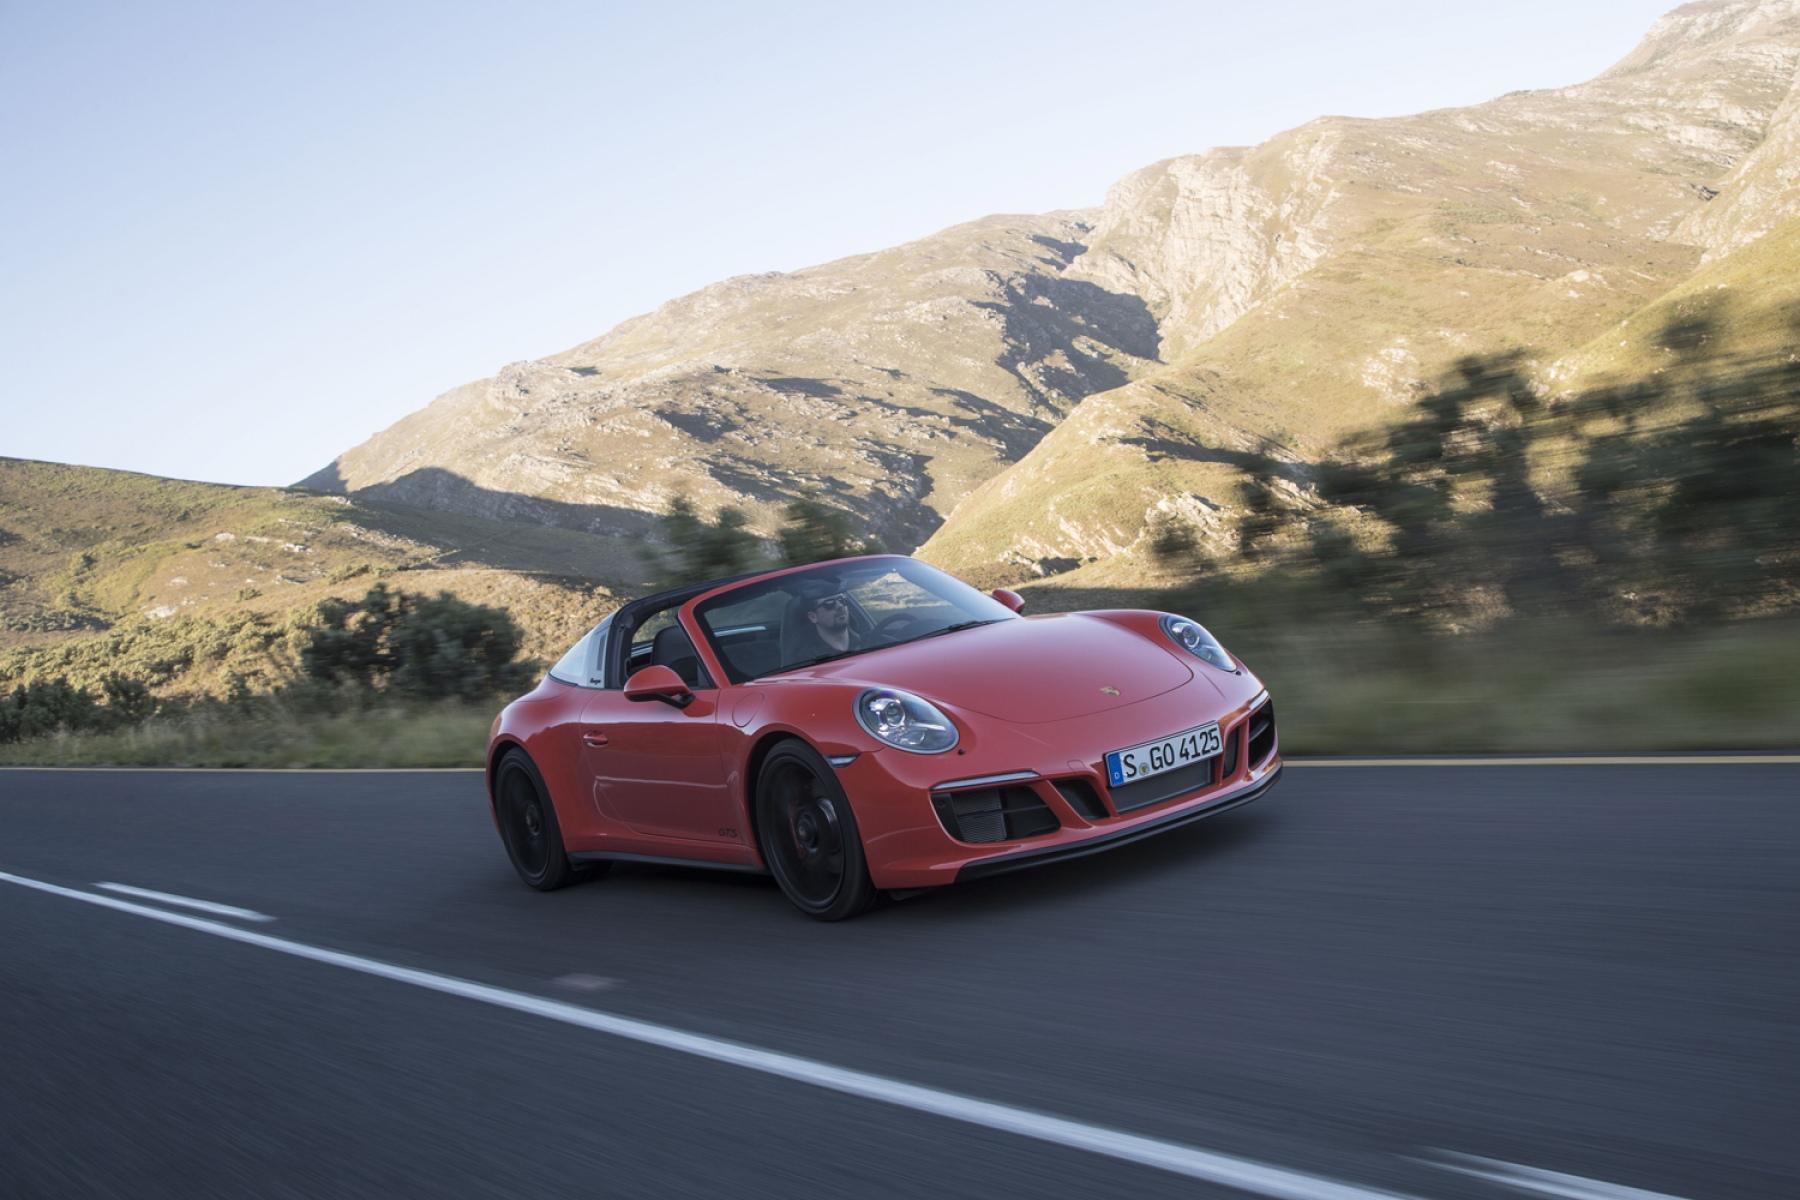 Porsche 911 Targa 4 Gts Lava Orange The New 911 Gts Models